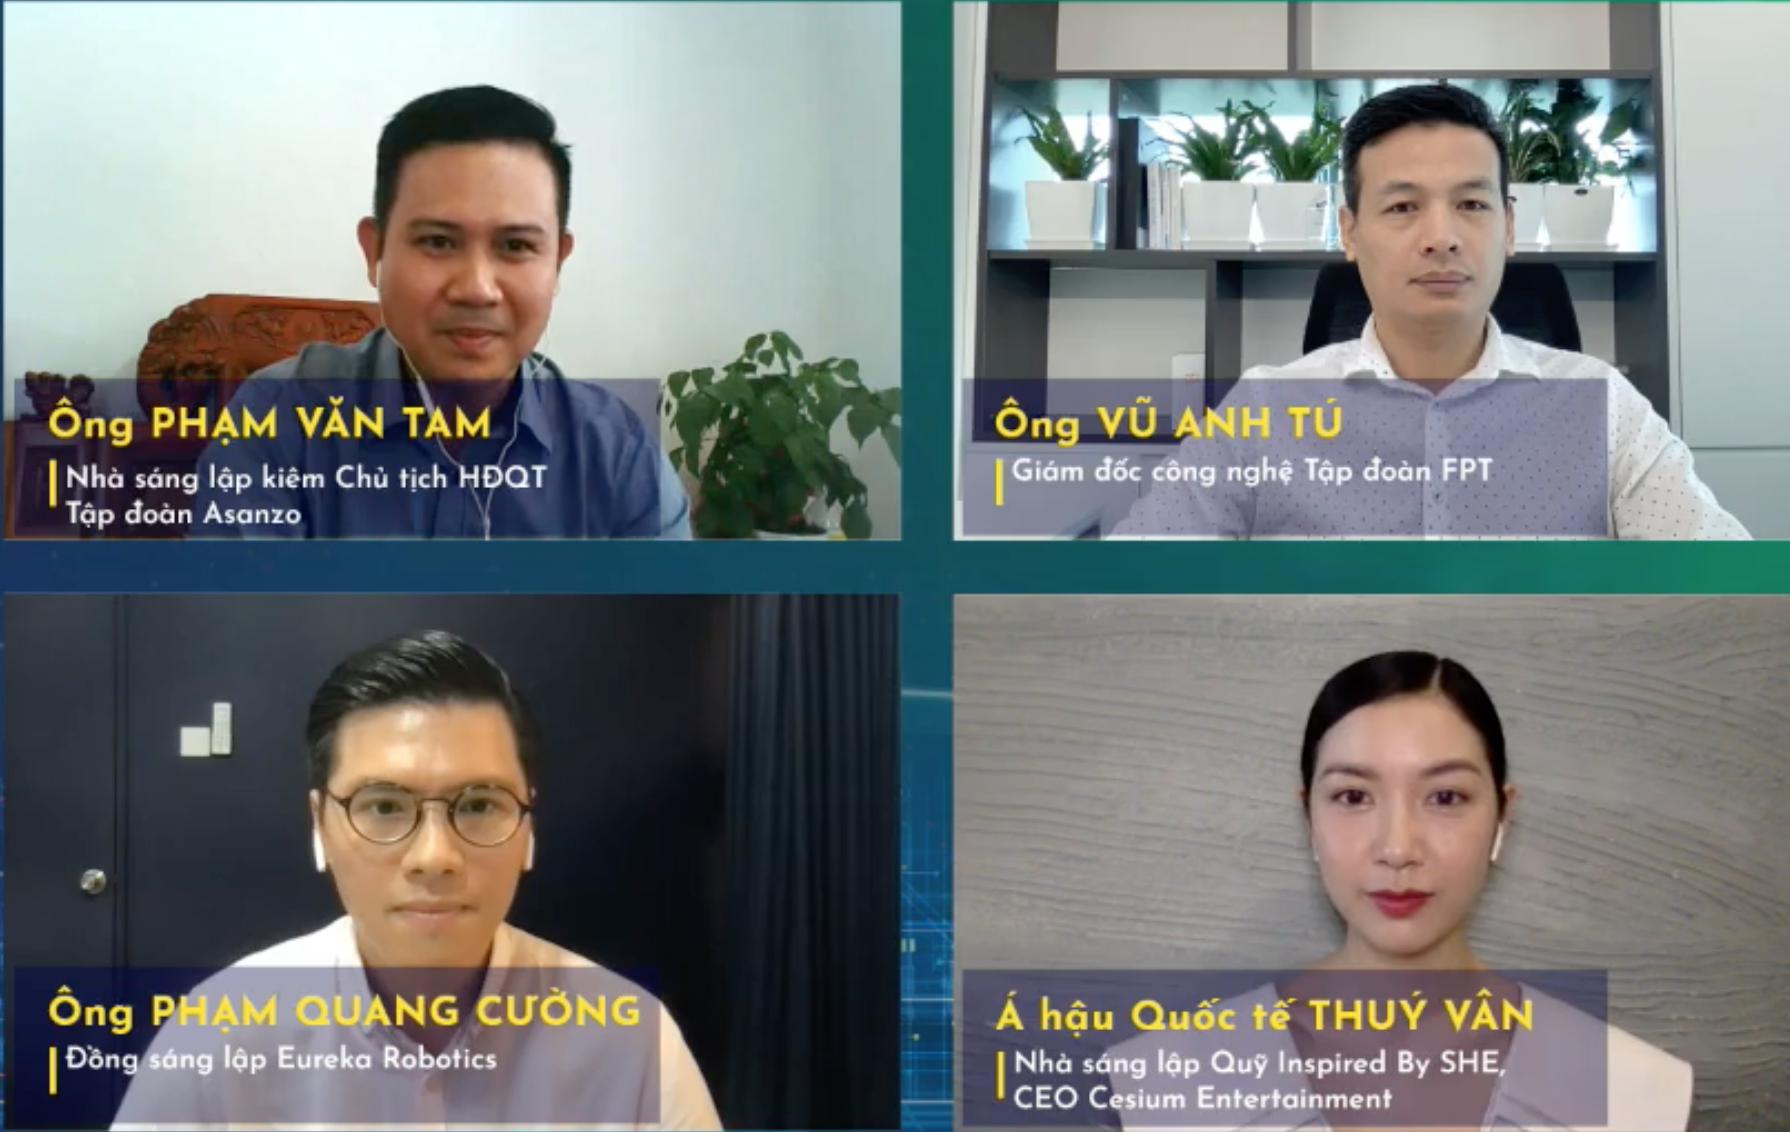 Bốn diễn giải trong CTO Talks ngày 7/10 trên Vnexpress bàn về mô hình làm việc mới đang được hình thành ra sao.